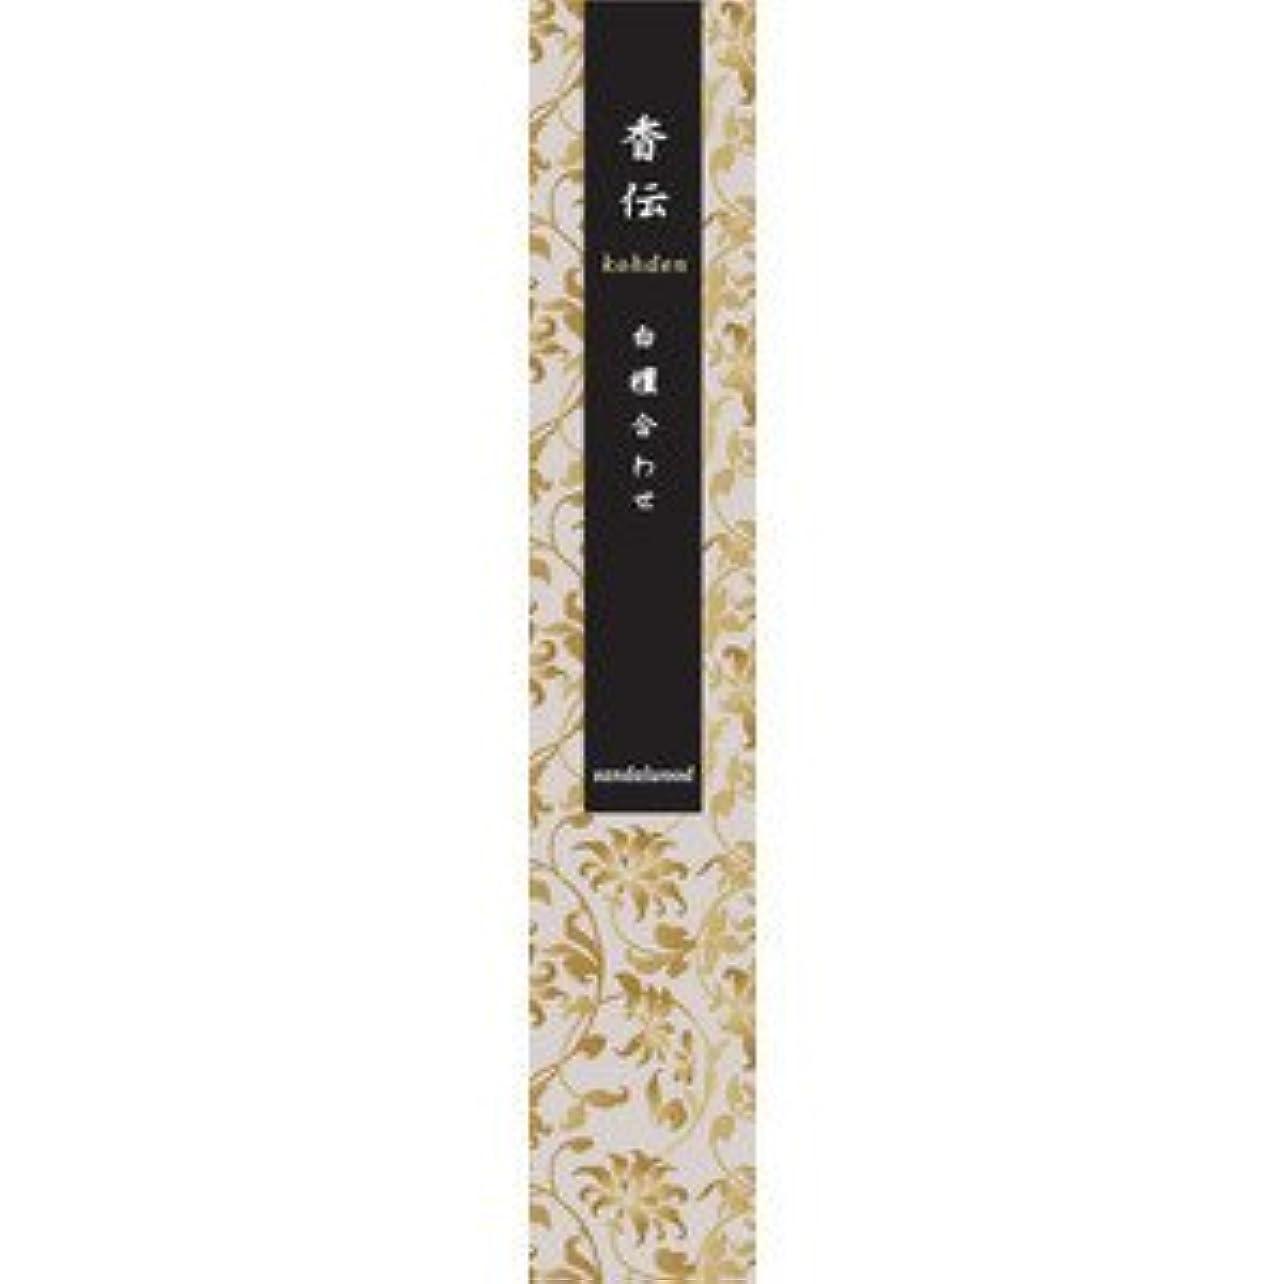 勢いコットン硬い日本香堂 香伝 白檀合わせ